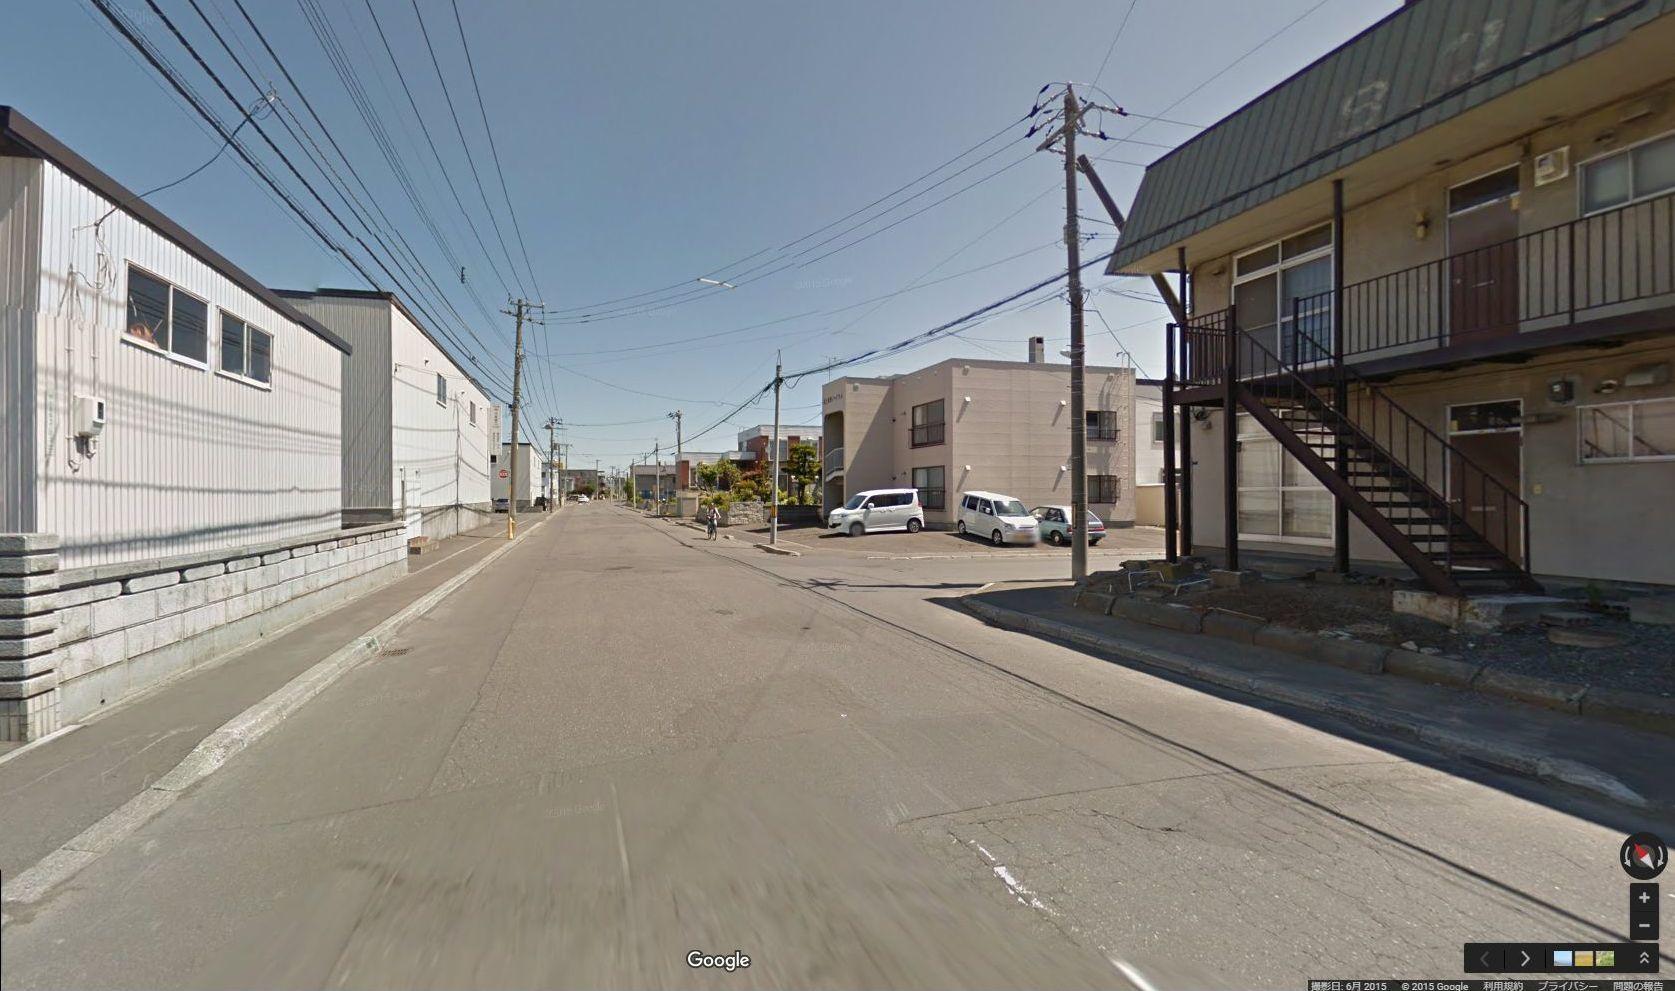 半年前に出会ったグーグル・ストリートビュー撮影車に撮られていた_c0025115_17444811.jpg